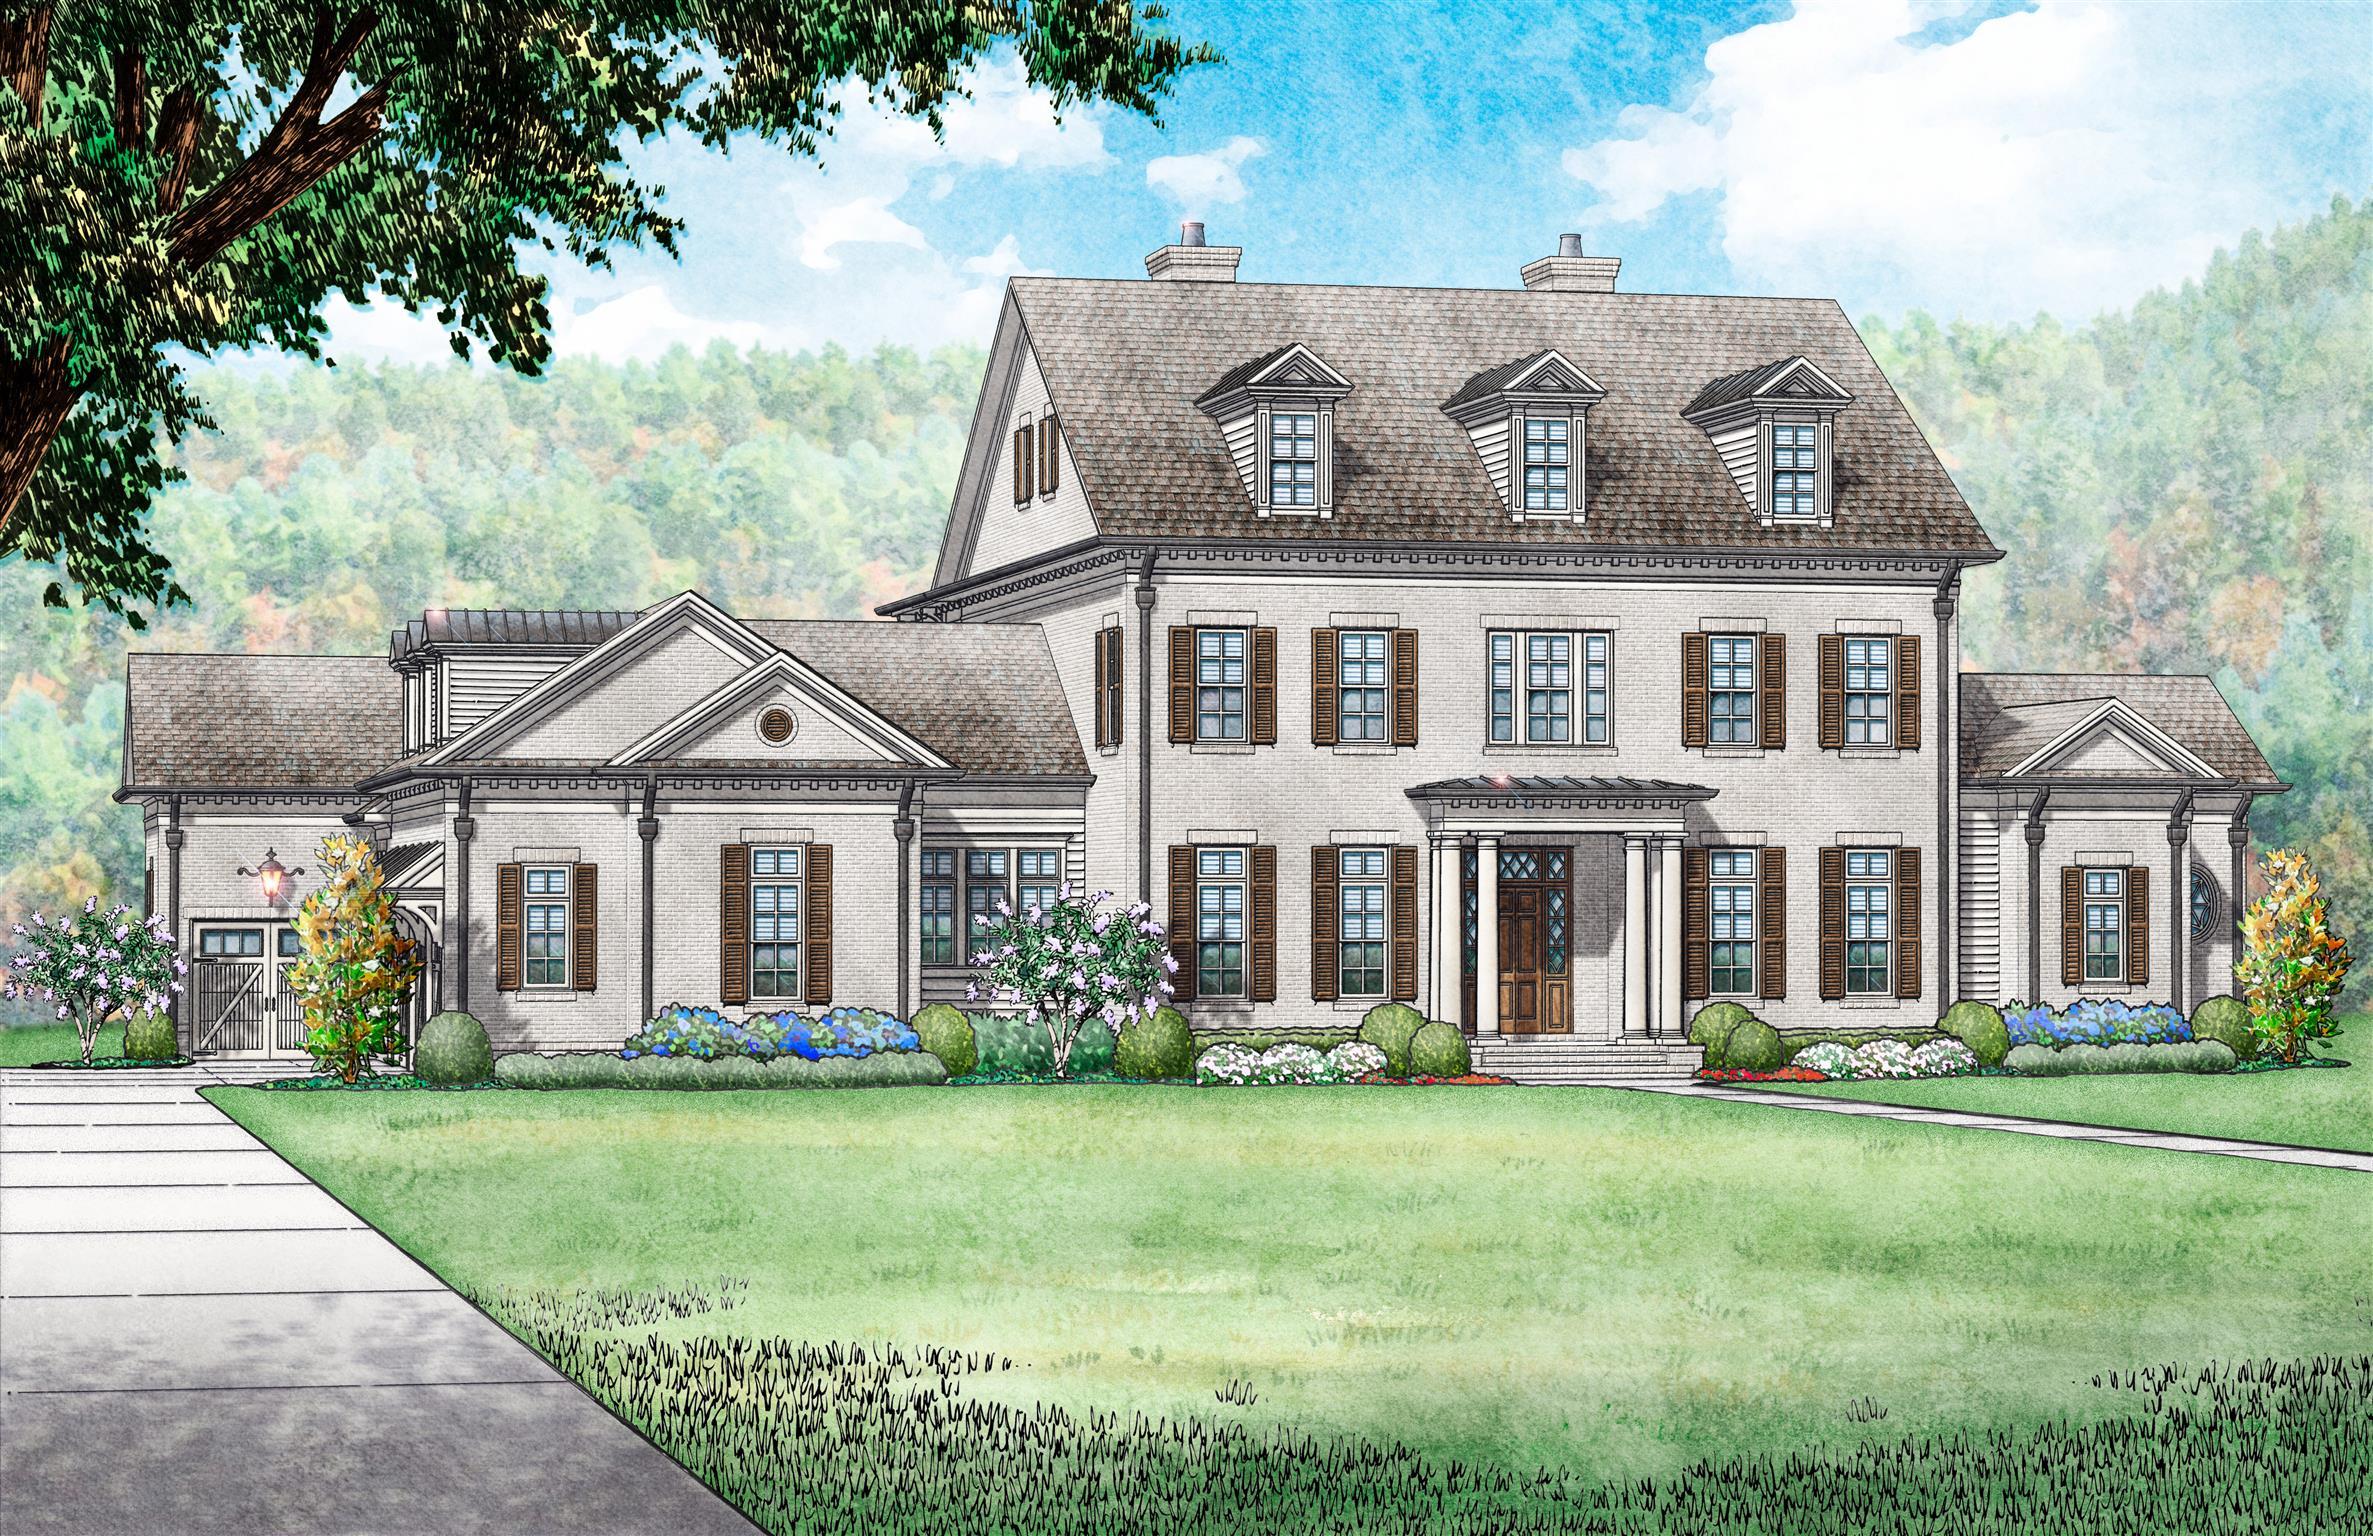 8308 Shoreline Court (Lot 8002), College Grove, TN 37046 - College Grove, TN real estate listing